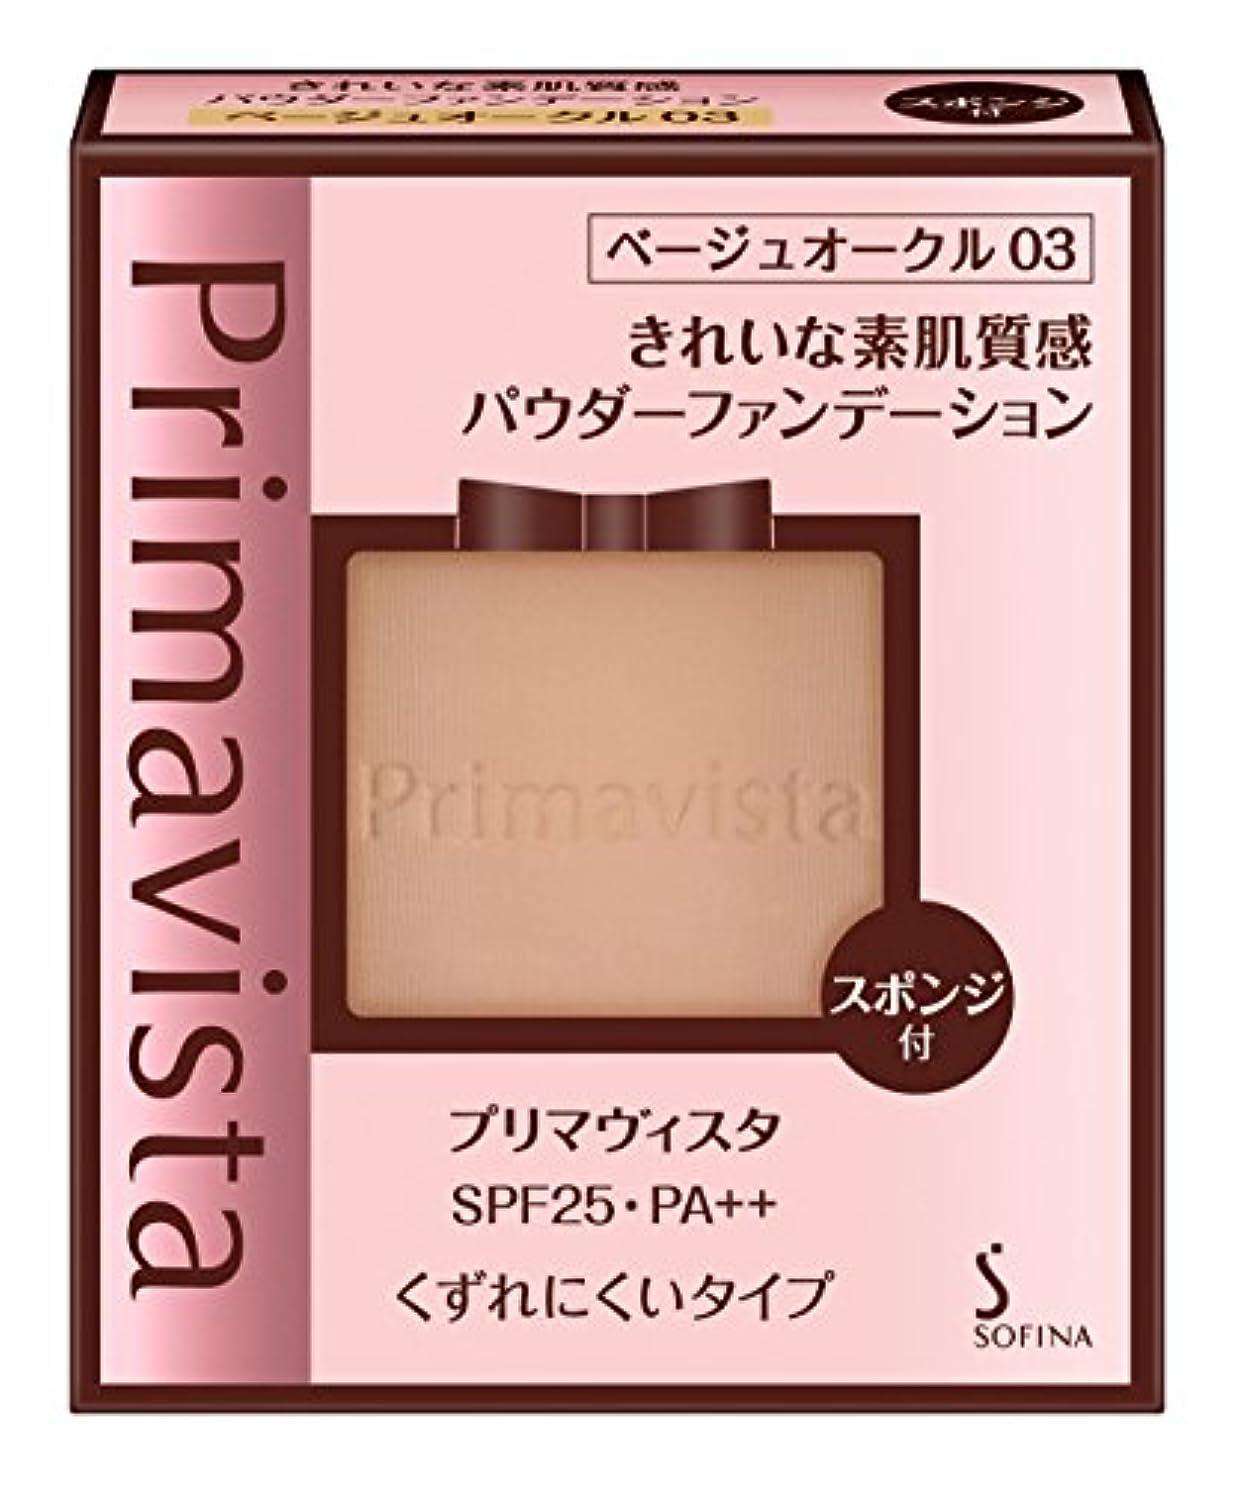 変な縮約でプリマヴィスタ きれいな素肌質感パウダーファンデーション ベージュオークル03 SPF25 PA++ 9g